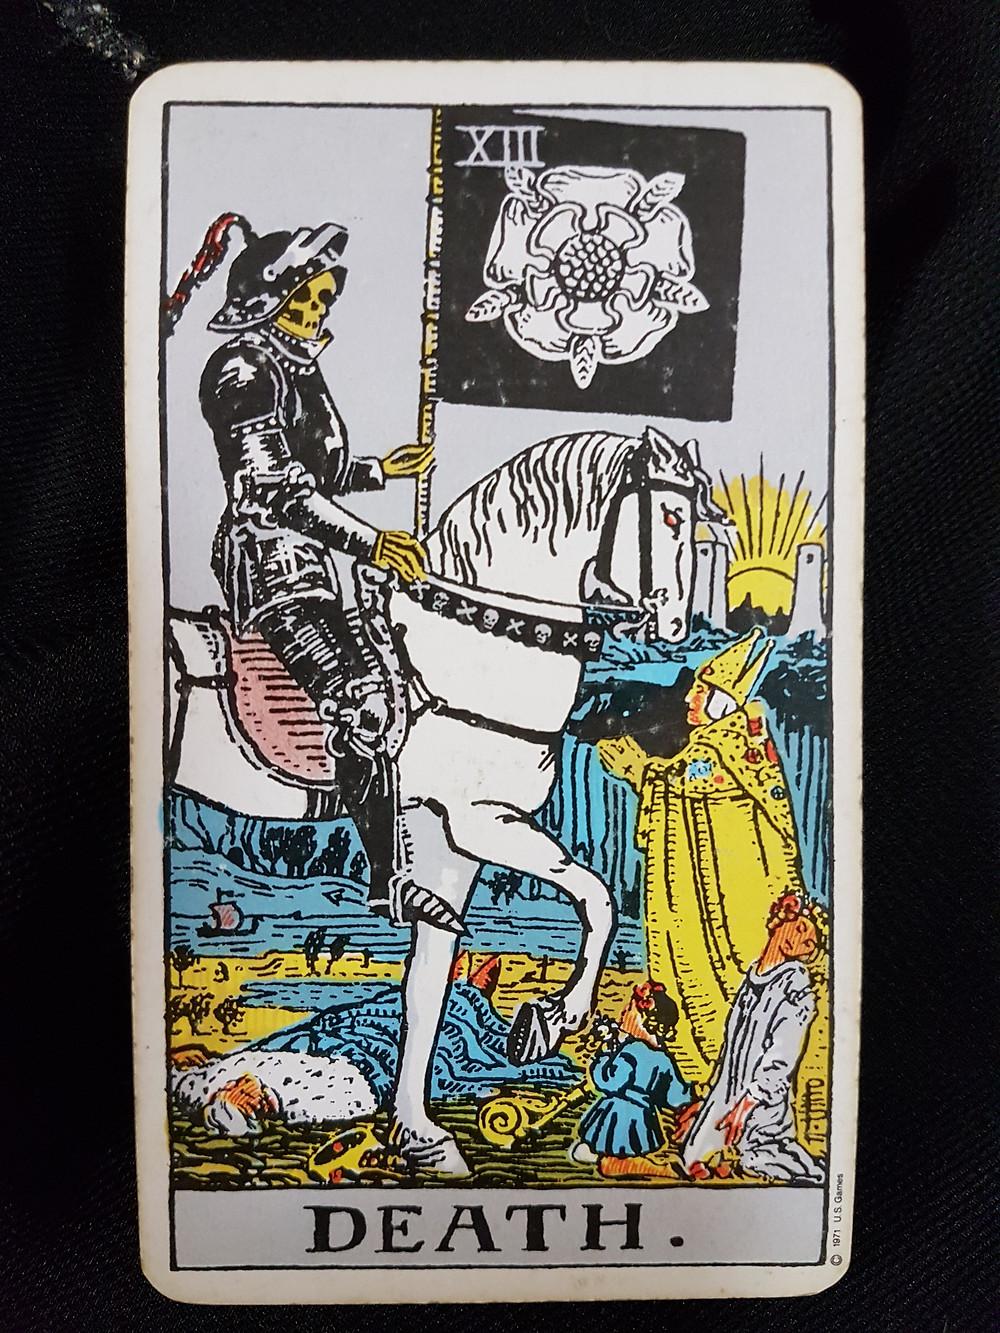 The Death Card XIII lynsreadings.com